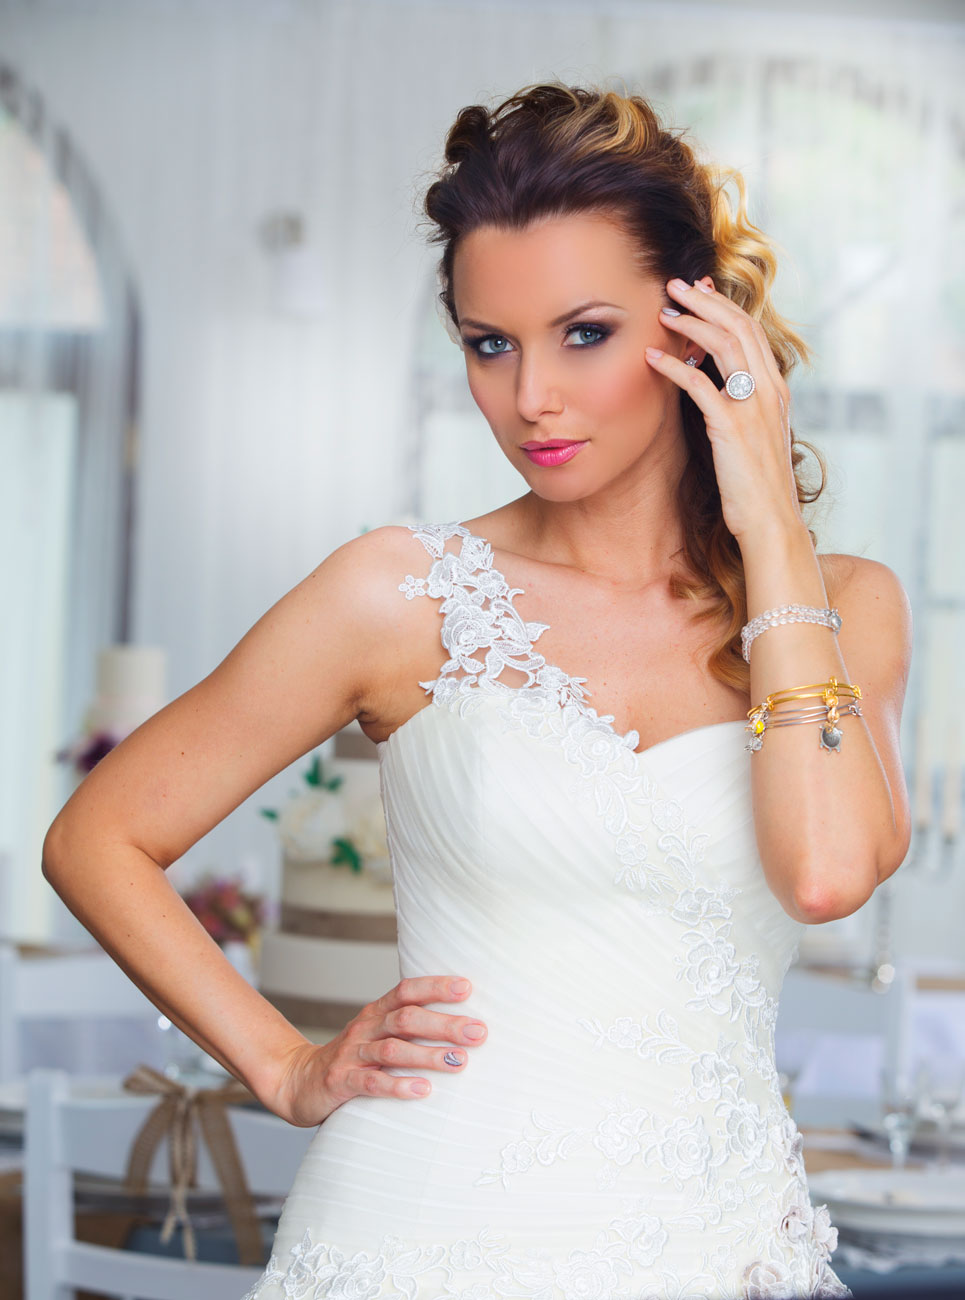 esküvői smink, Esküvői sminkes profi eszközökkel: Kustos Orsolya Amanda szerint a smink nem csak kívülről szépít, hanem belülről is megerősít!